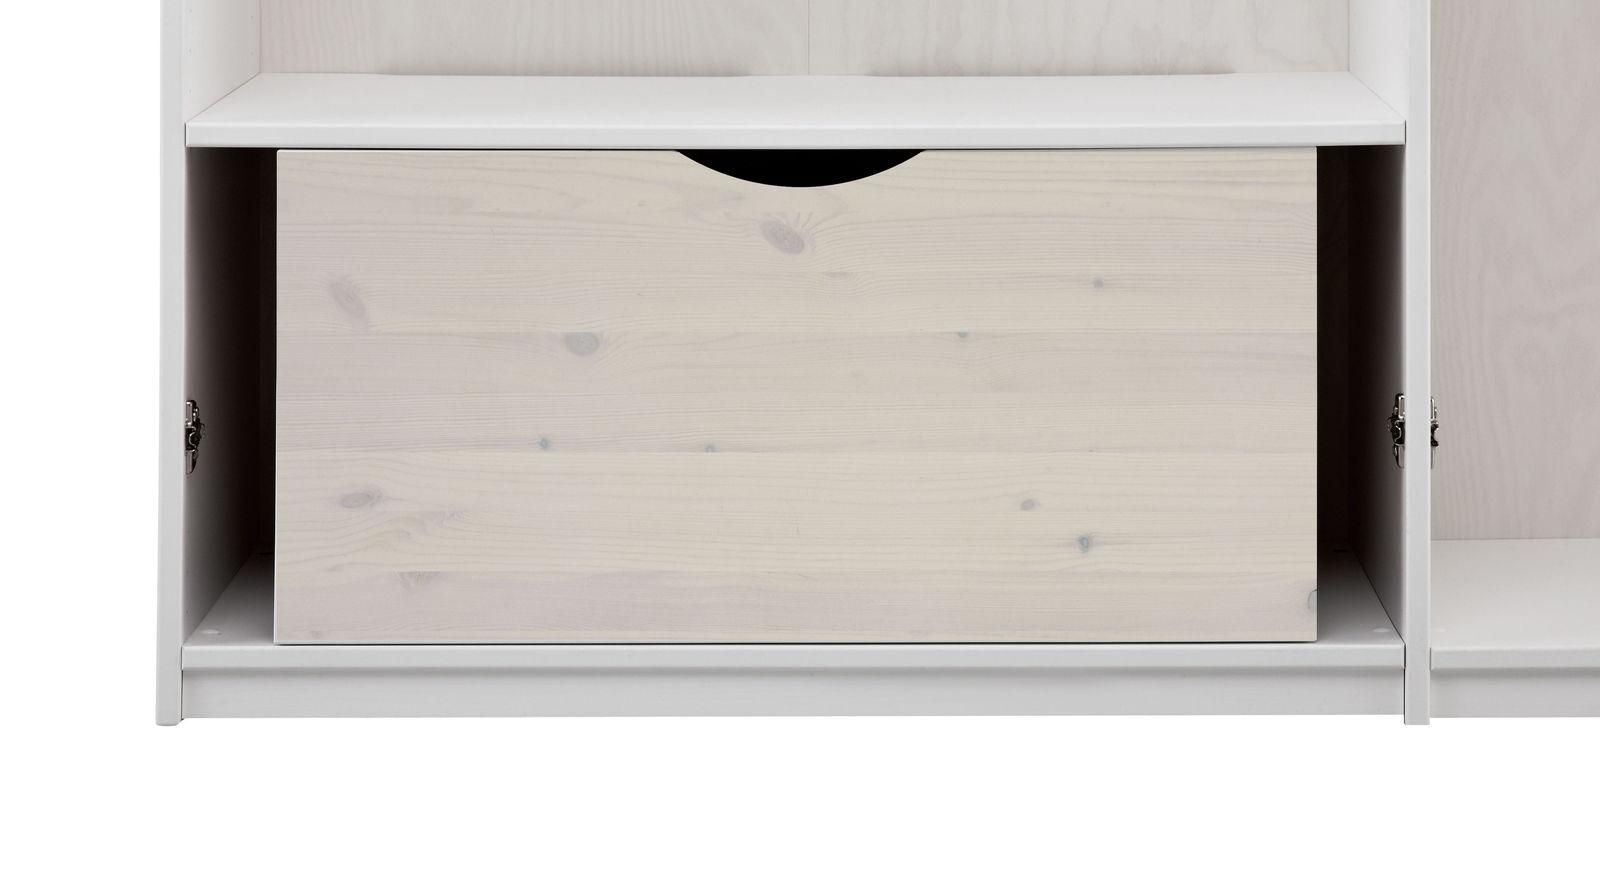 LIFETIME Kleiderschrank-Innenausstattung 100 cm breite Schublade in weiß lasiert